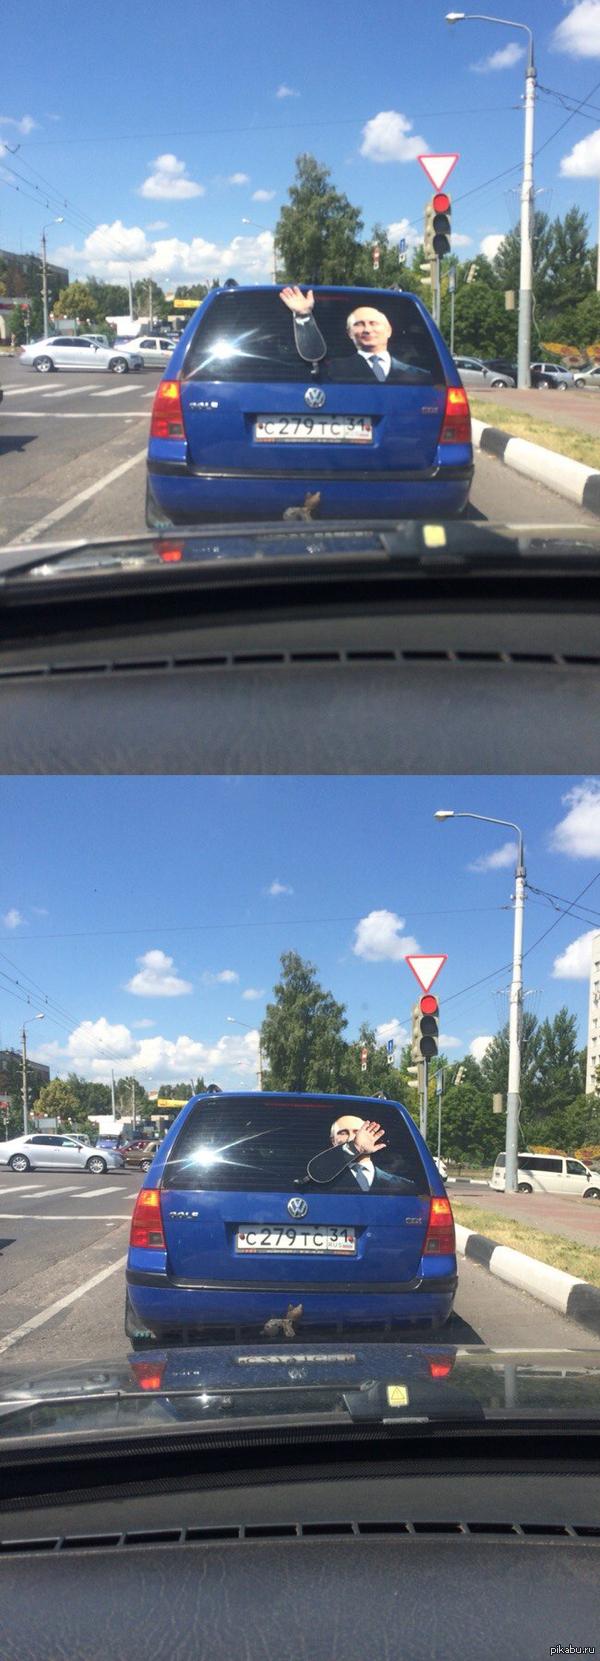 Всех с праздником)))